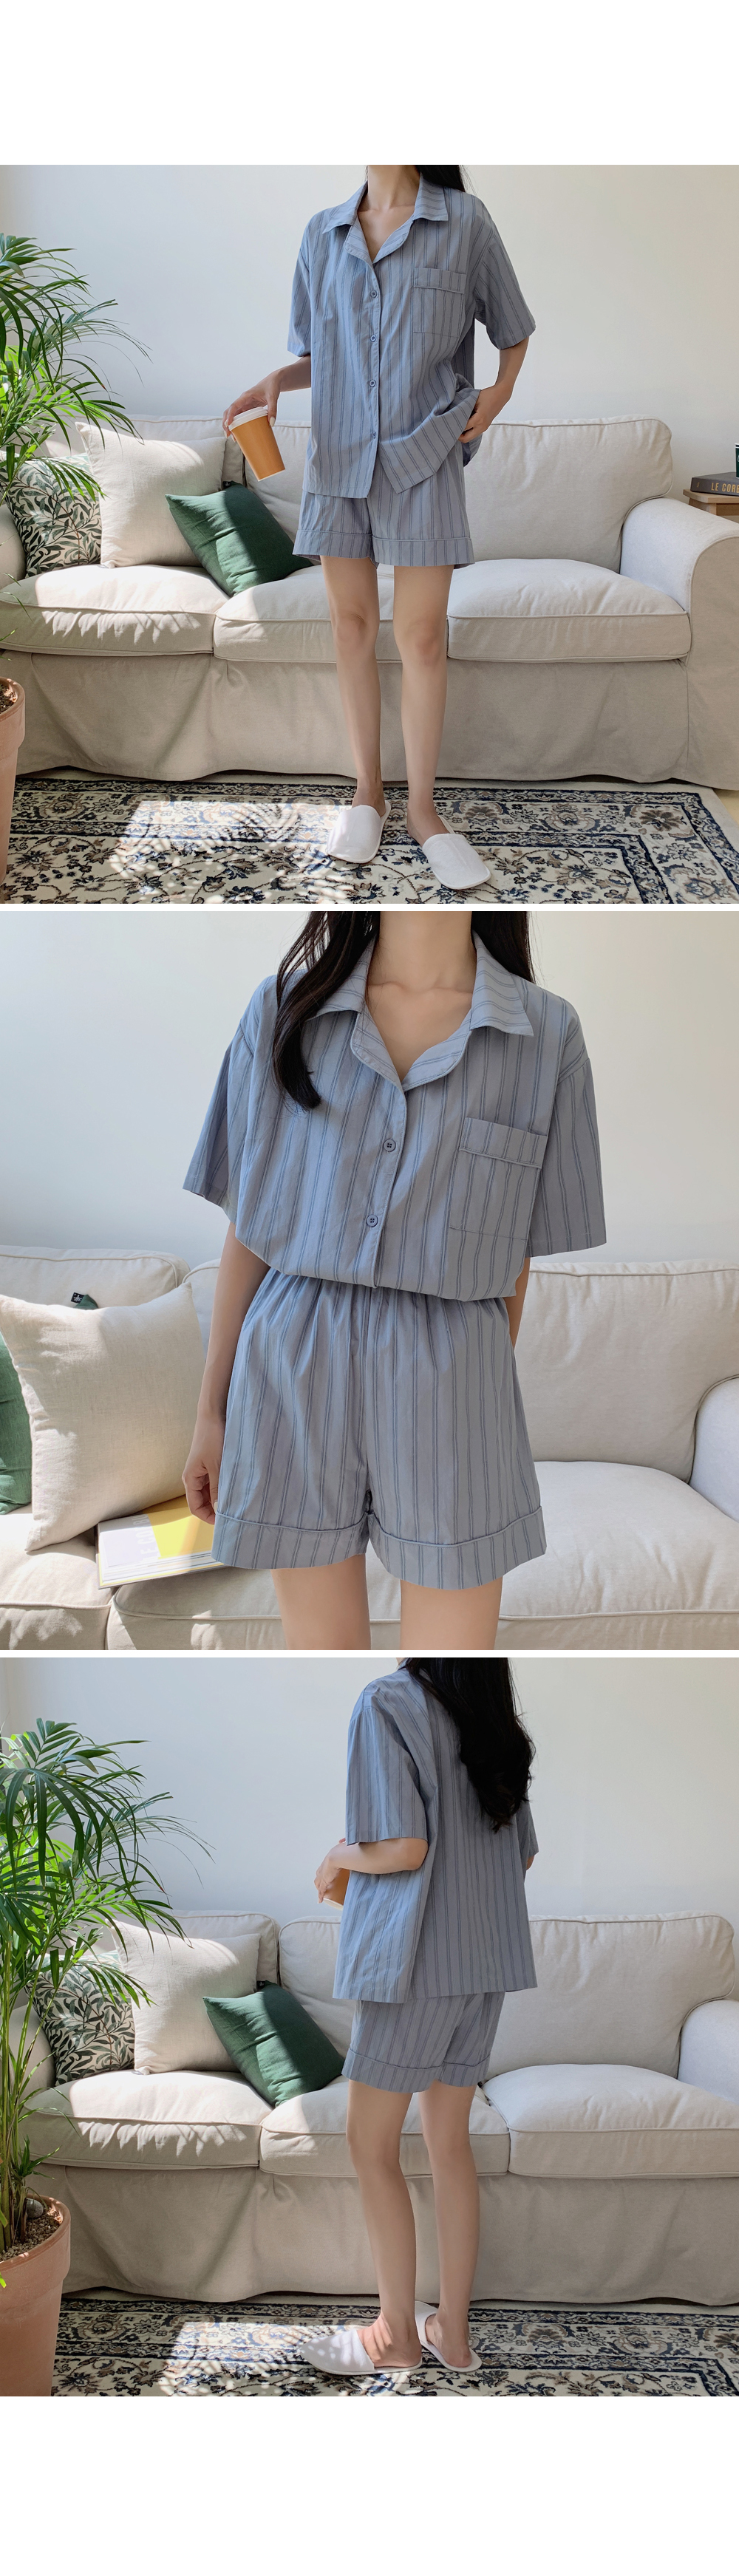 Striped Short Pajama Set-holiholic.com